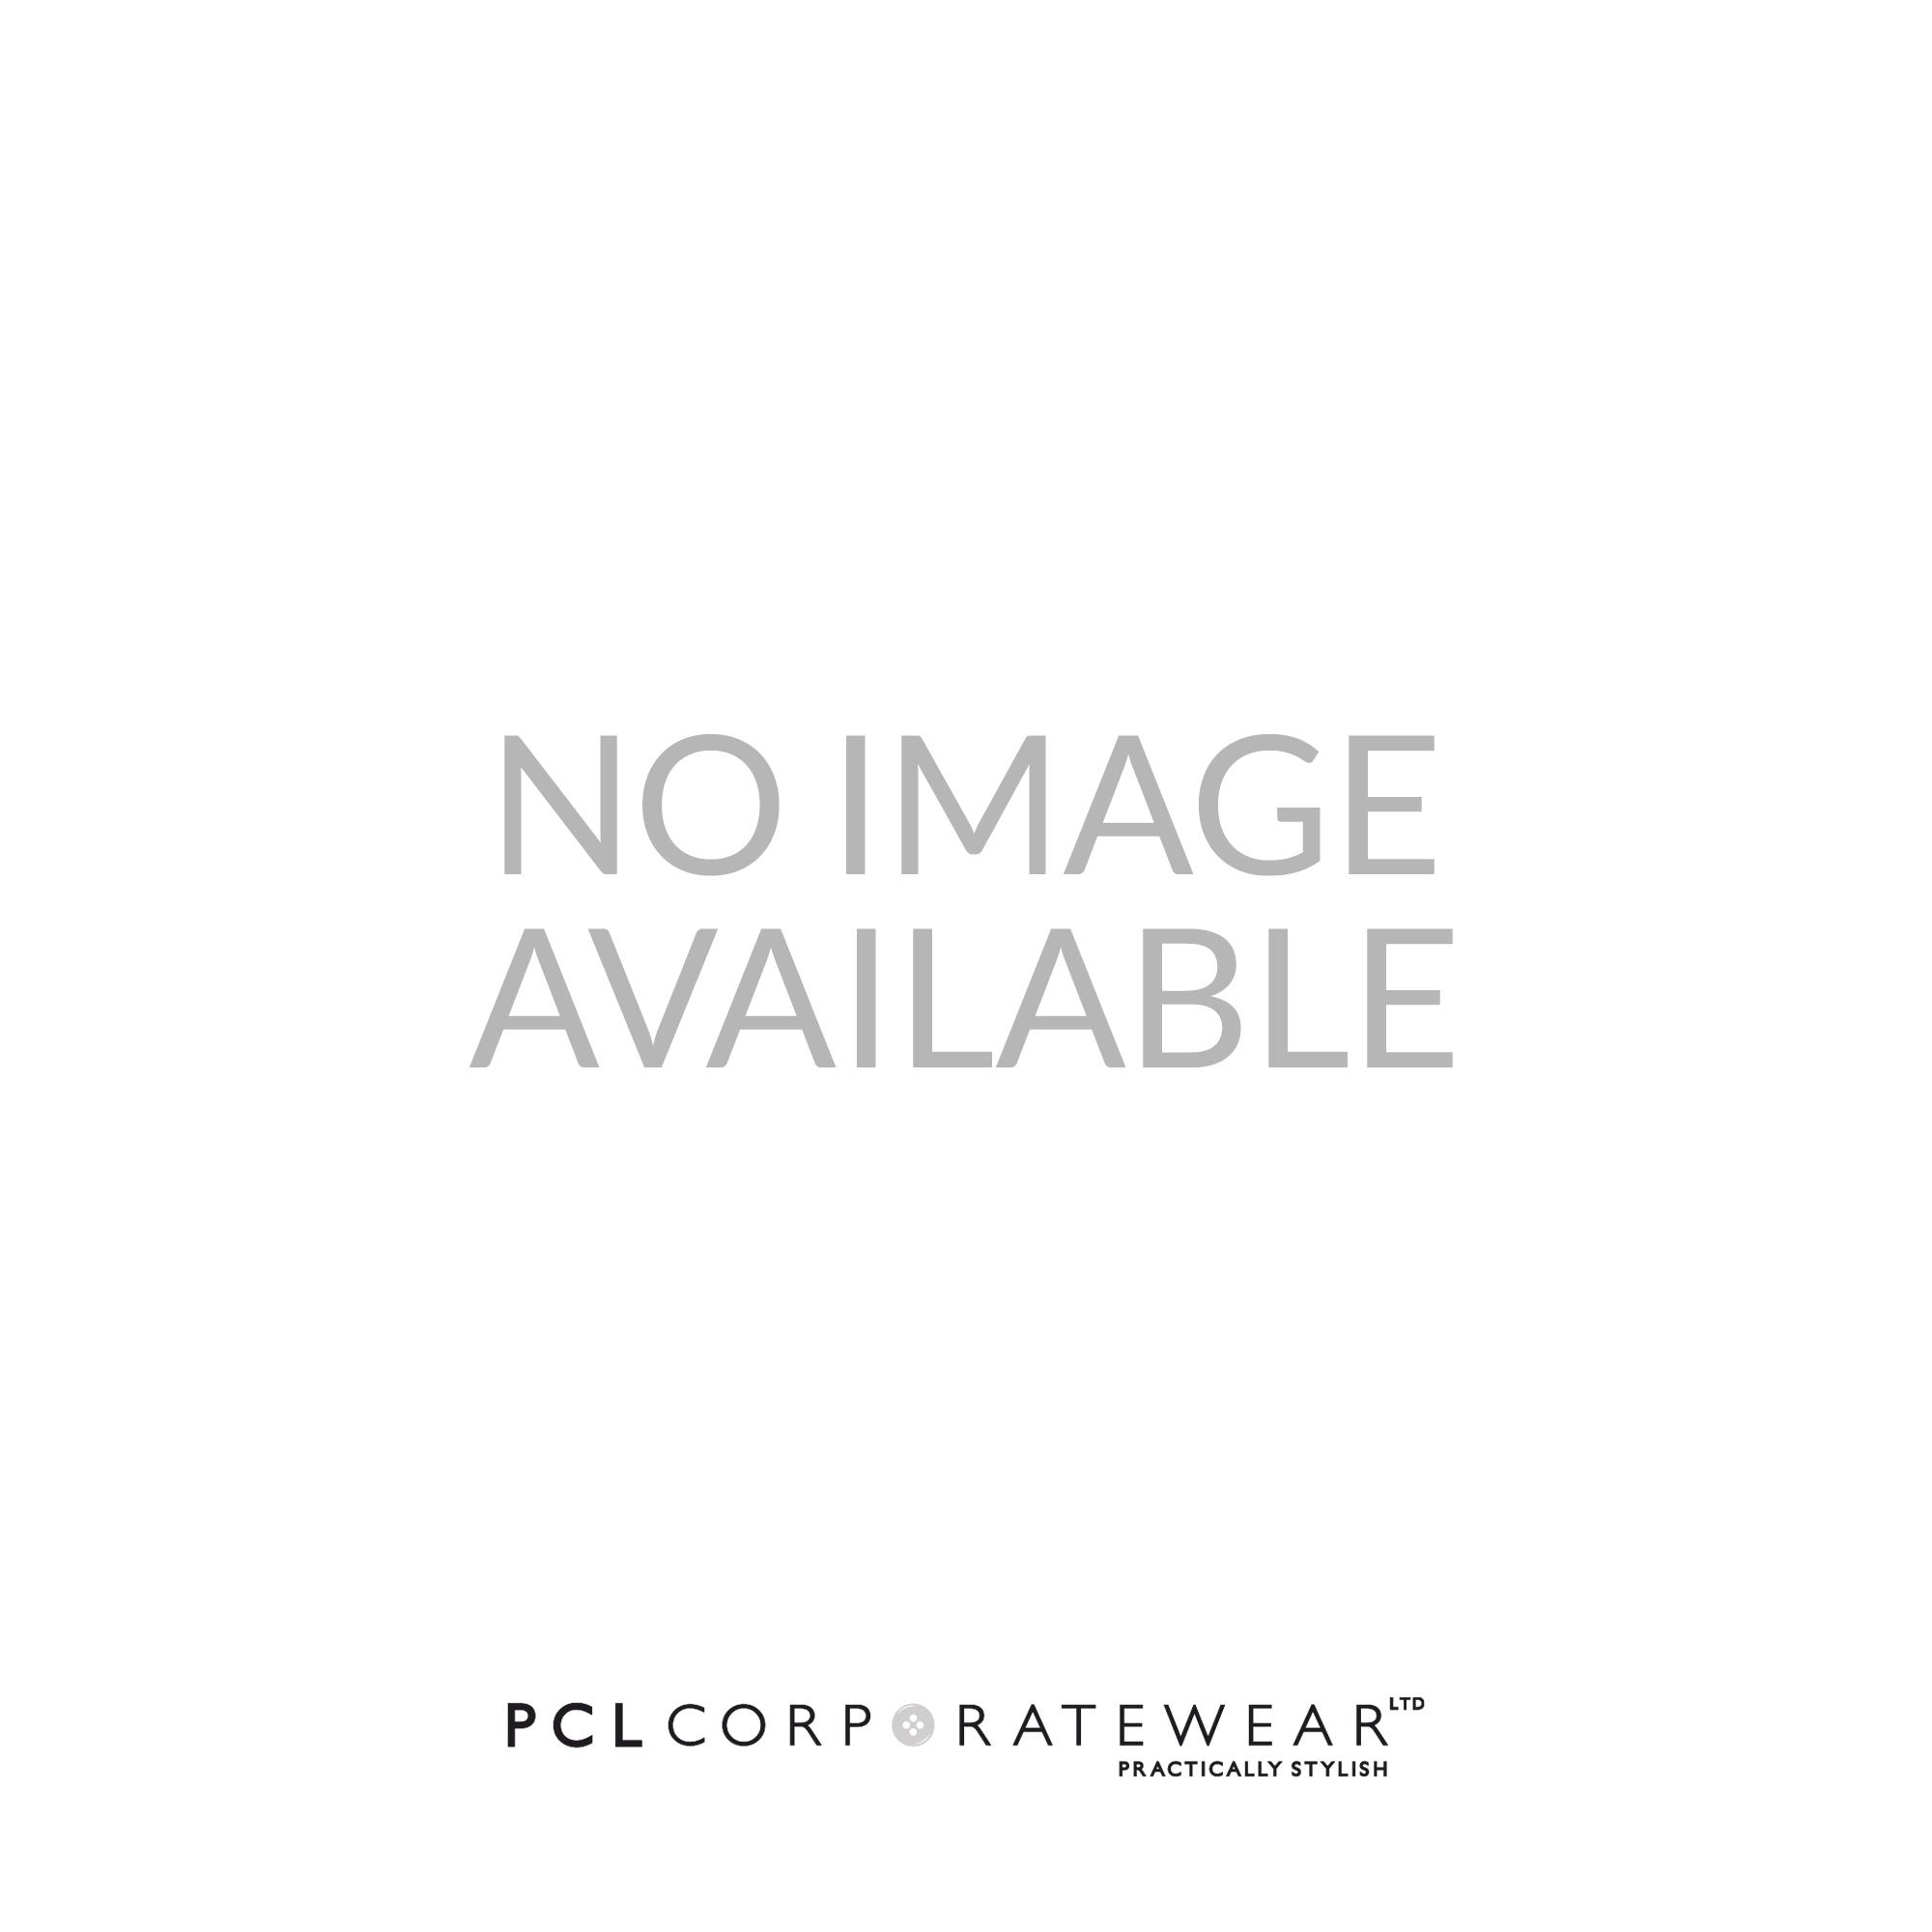 05f2fd716 Gildan Ladies Performance® T-Shirt - GD170 - PCL Corporatewear Ltd